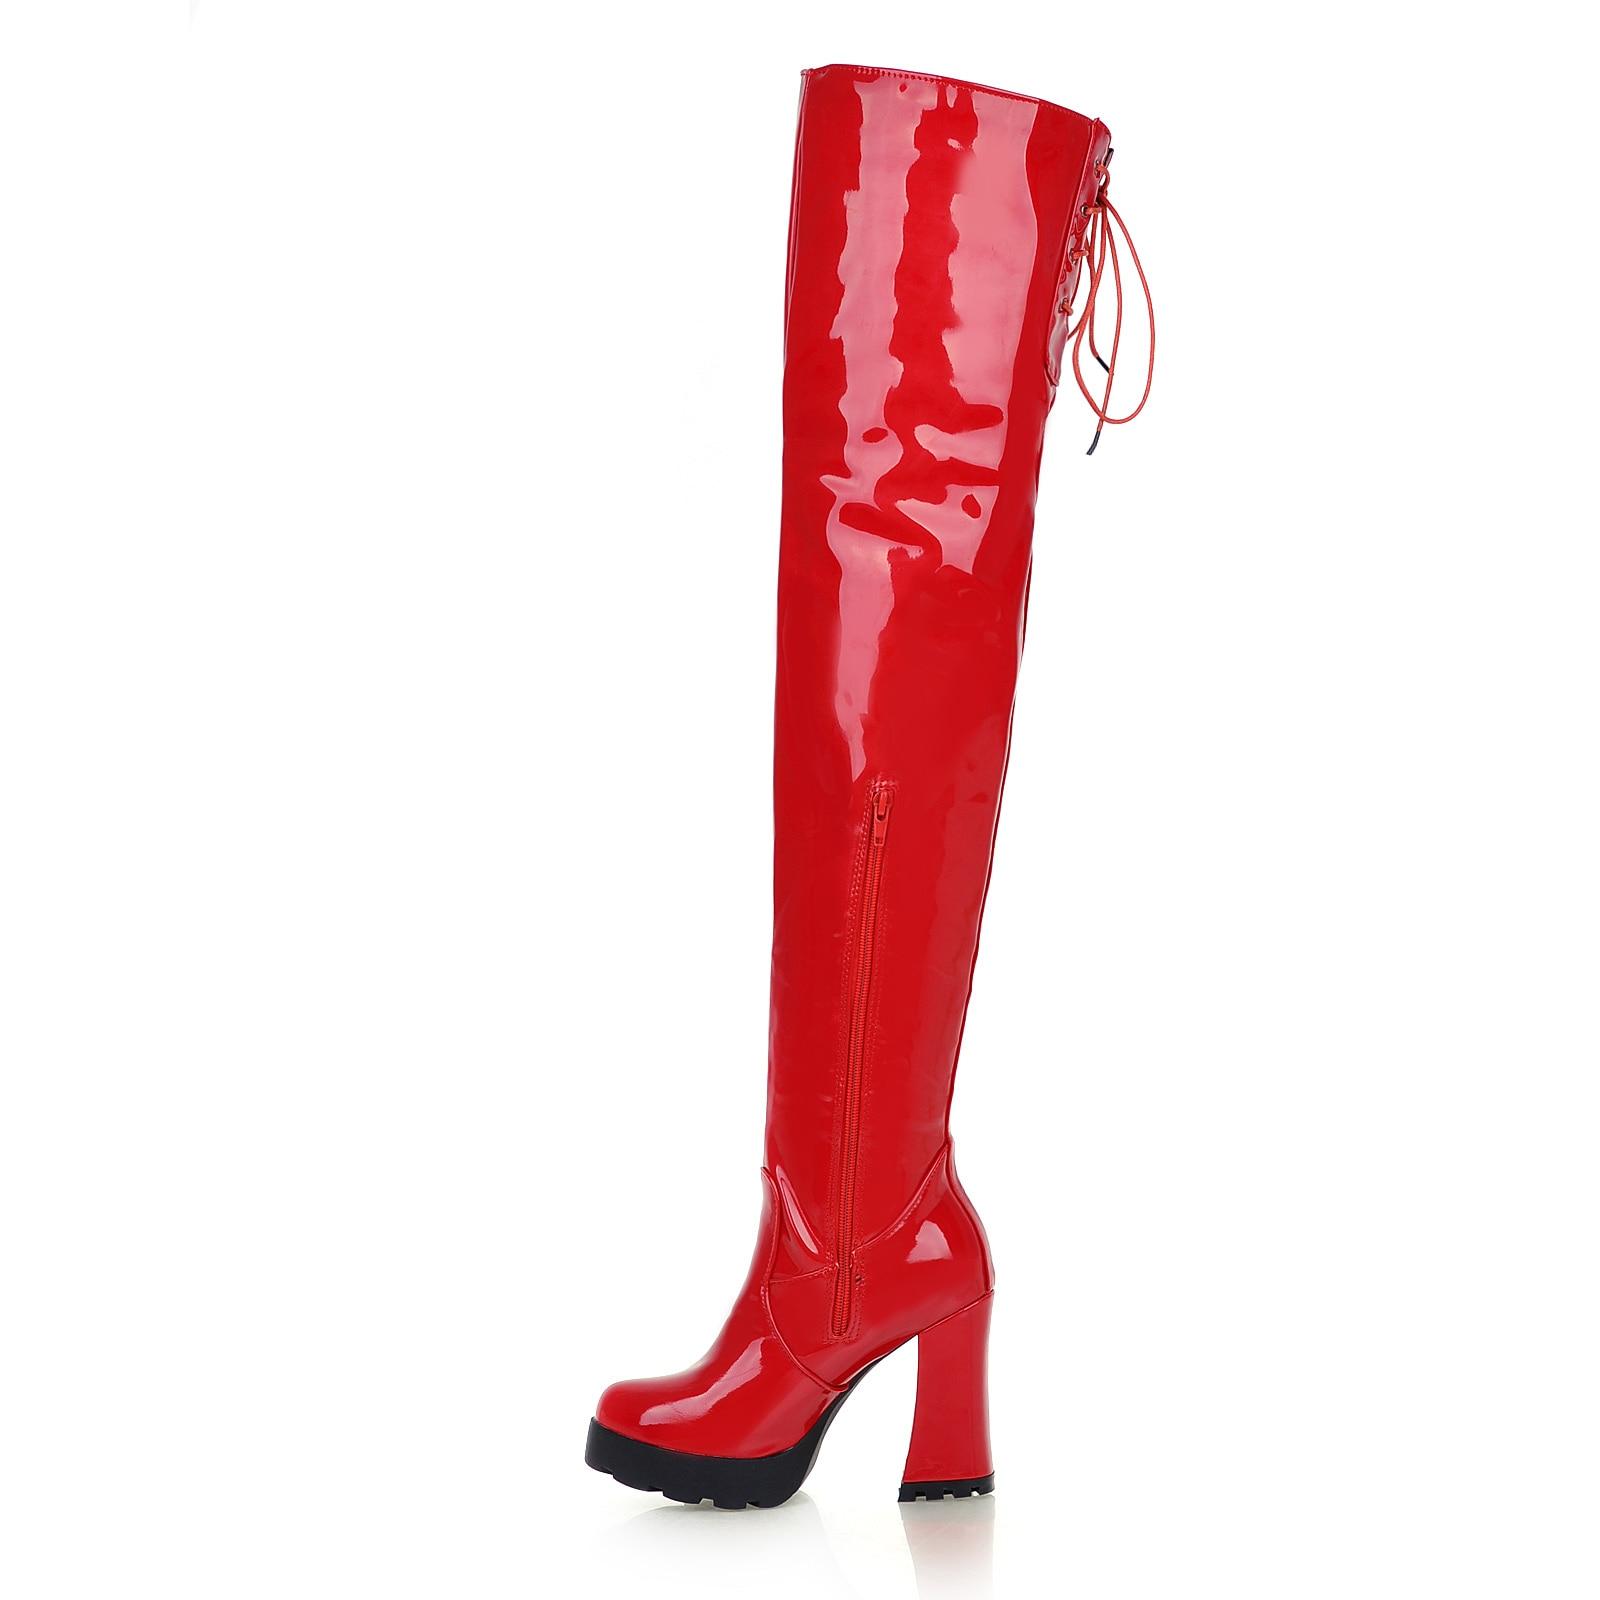 Plate Noir Cuir Femmes Cuisse Zipper forme Mode De Bout Talon Hiver Bottes Sur En Le rouge Haut Noir Sexy blanc Genou Rouge Rond Verni Épais dRrCqR